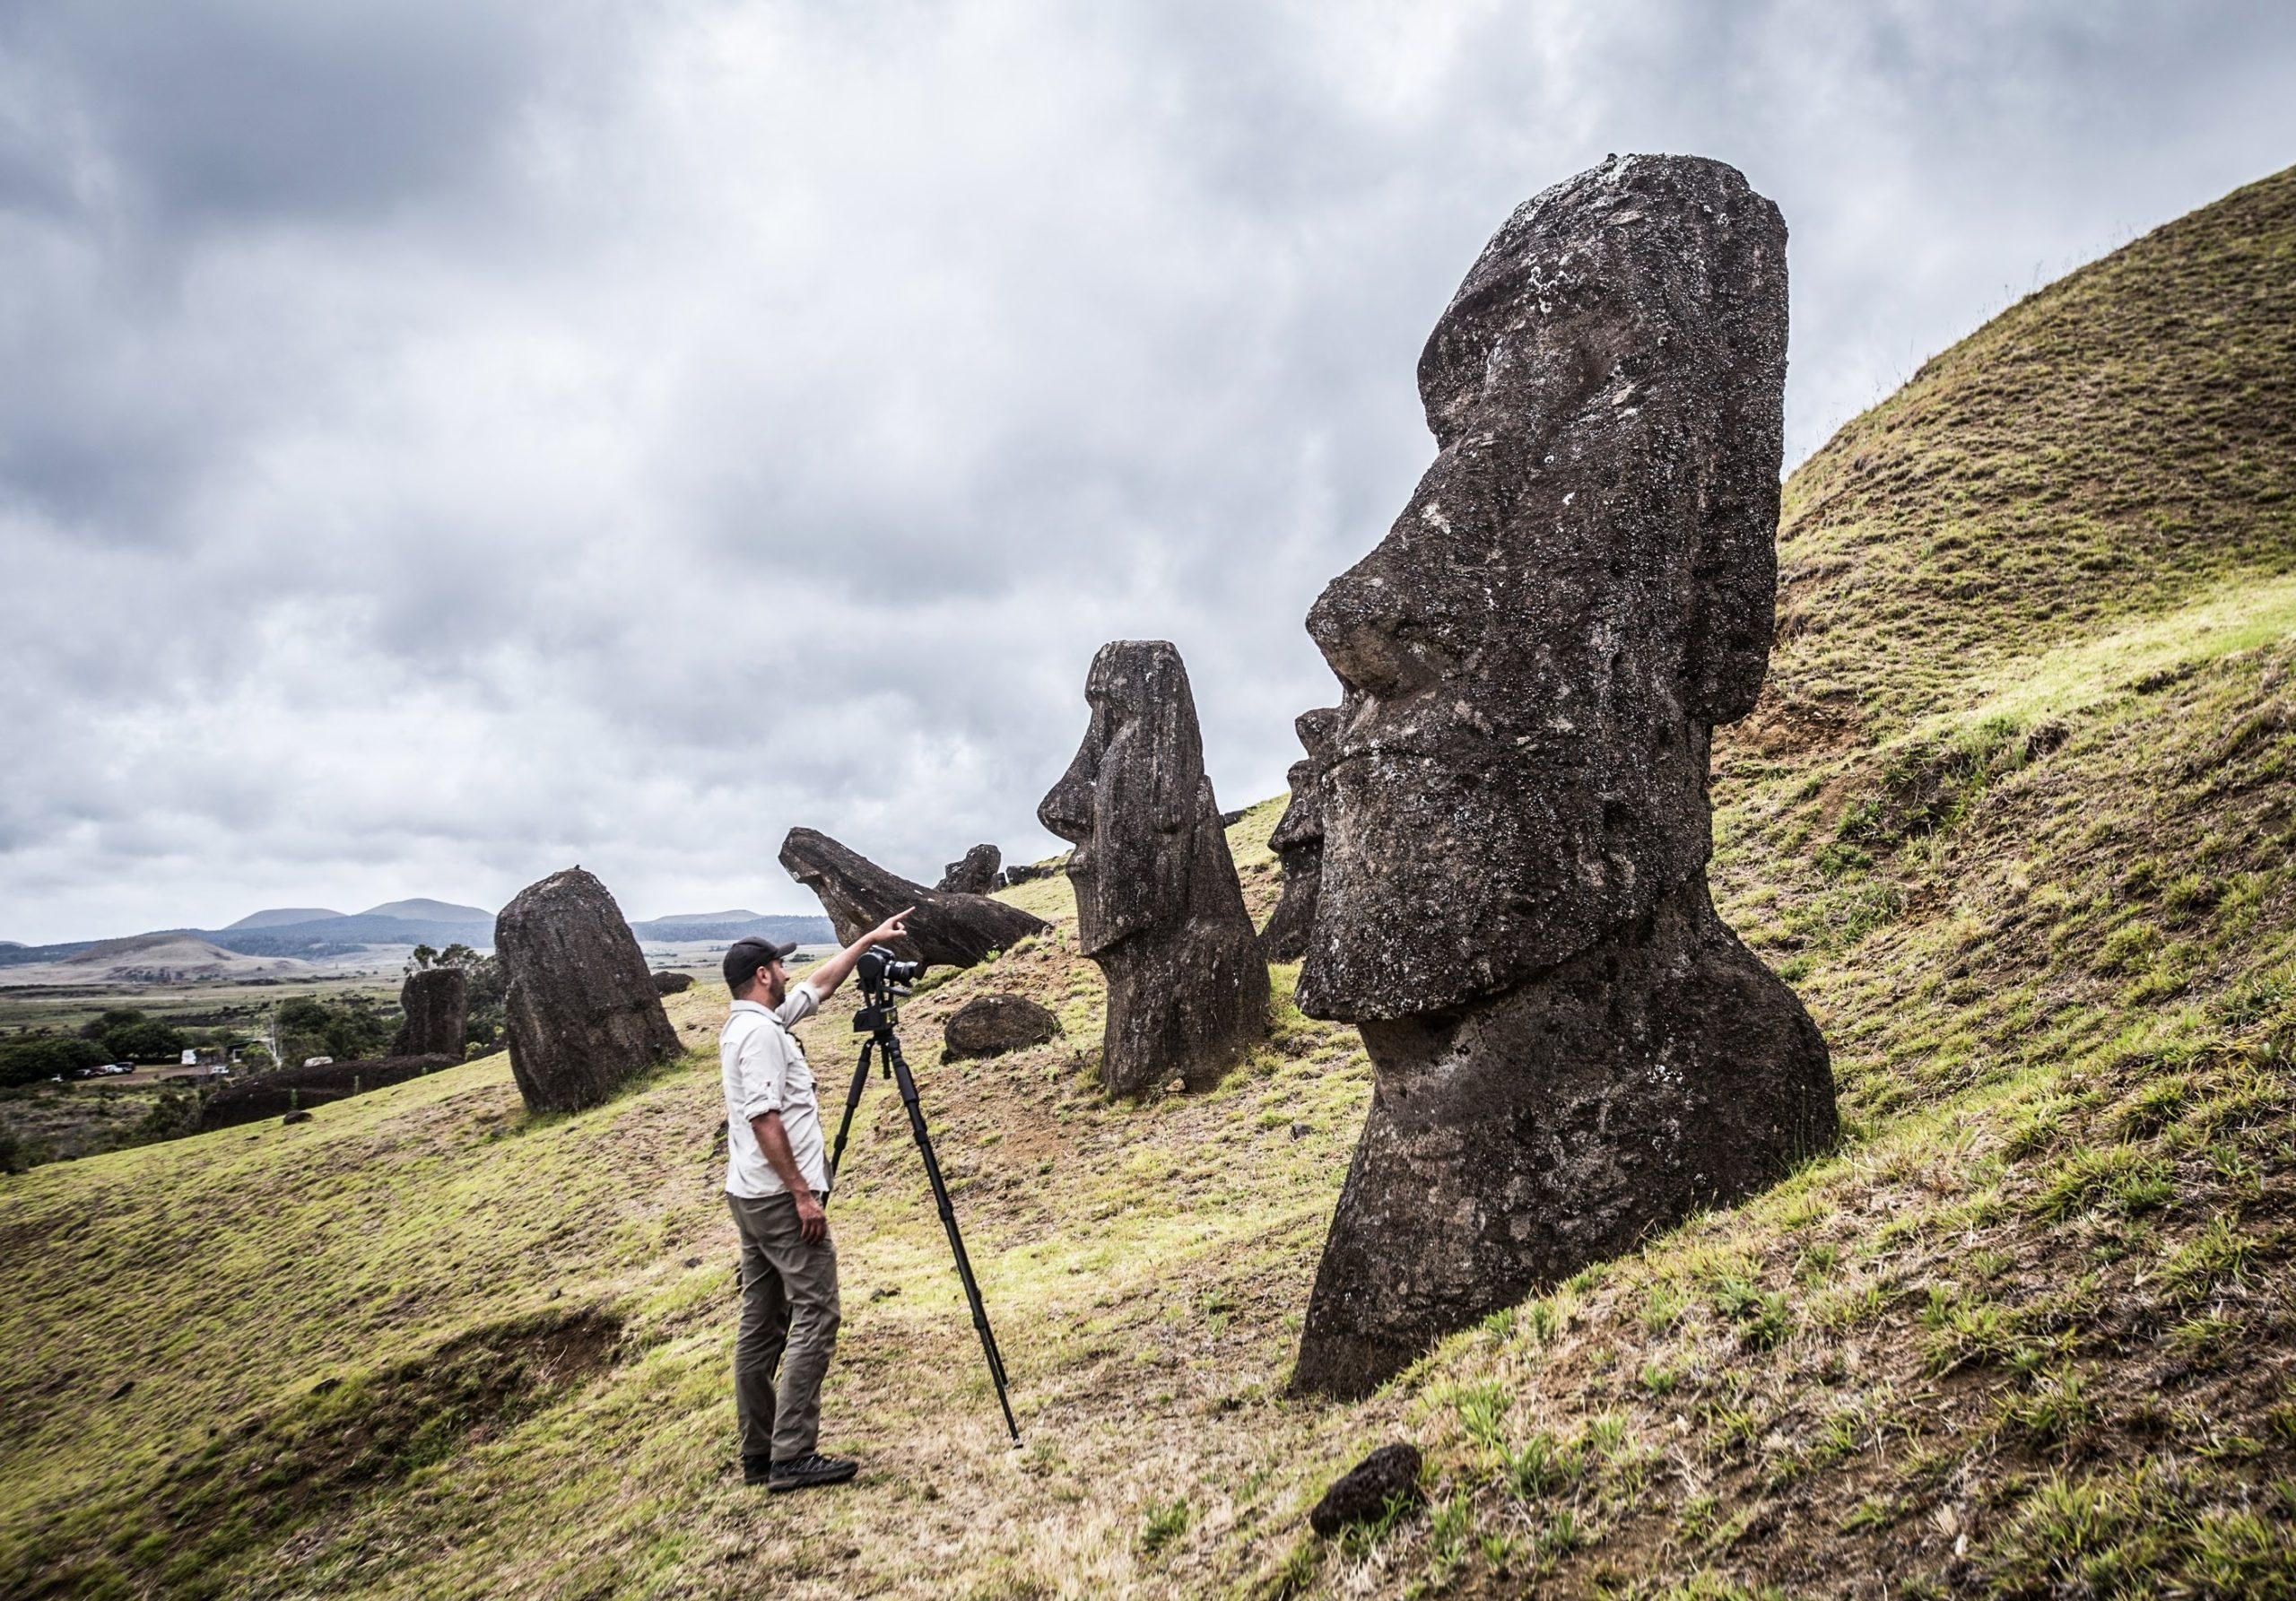 Siti del patrimonio a rischio clima. Arriva il progetto Heritage on the Edge di Google